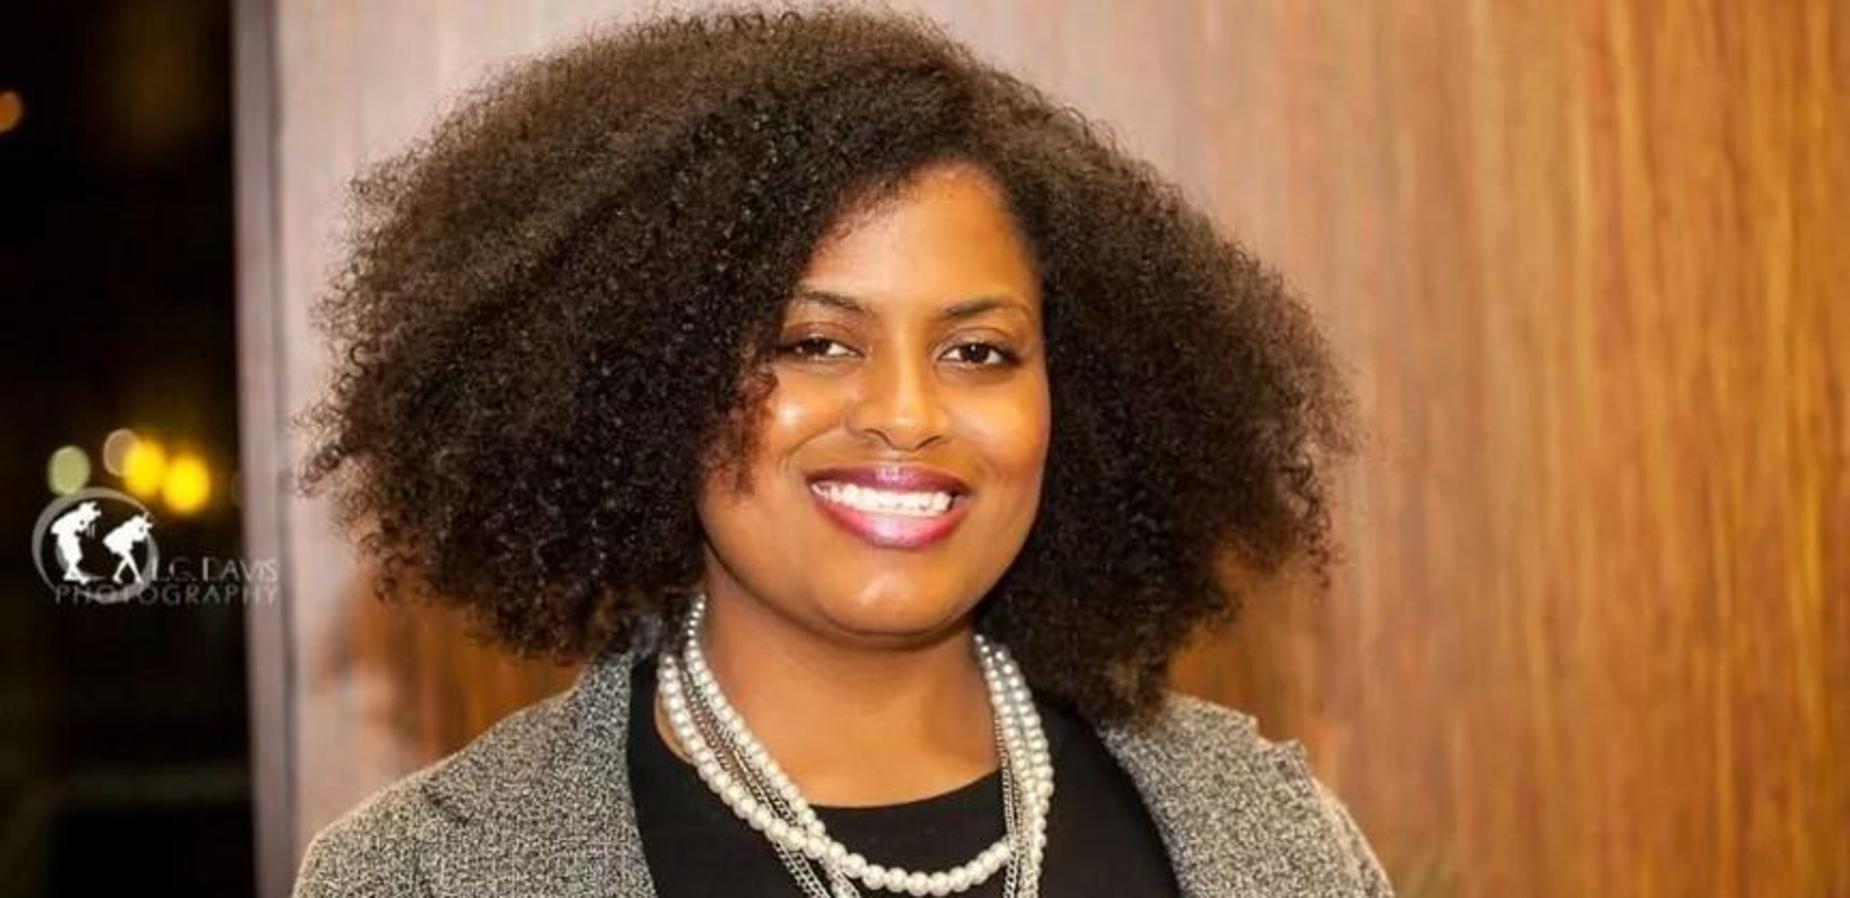 Teacher of the Year: Ms. V. Scott